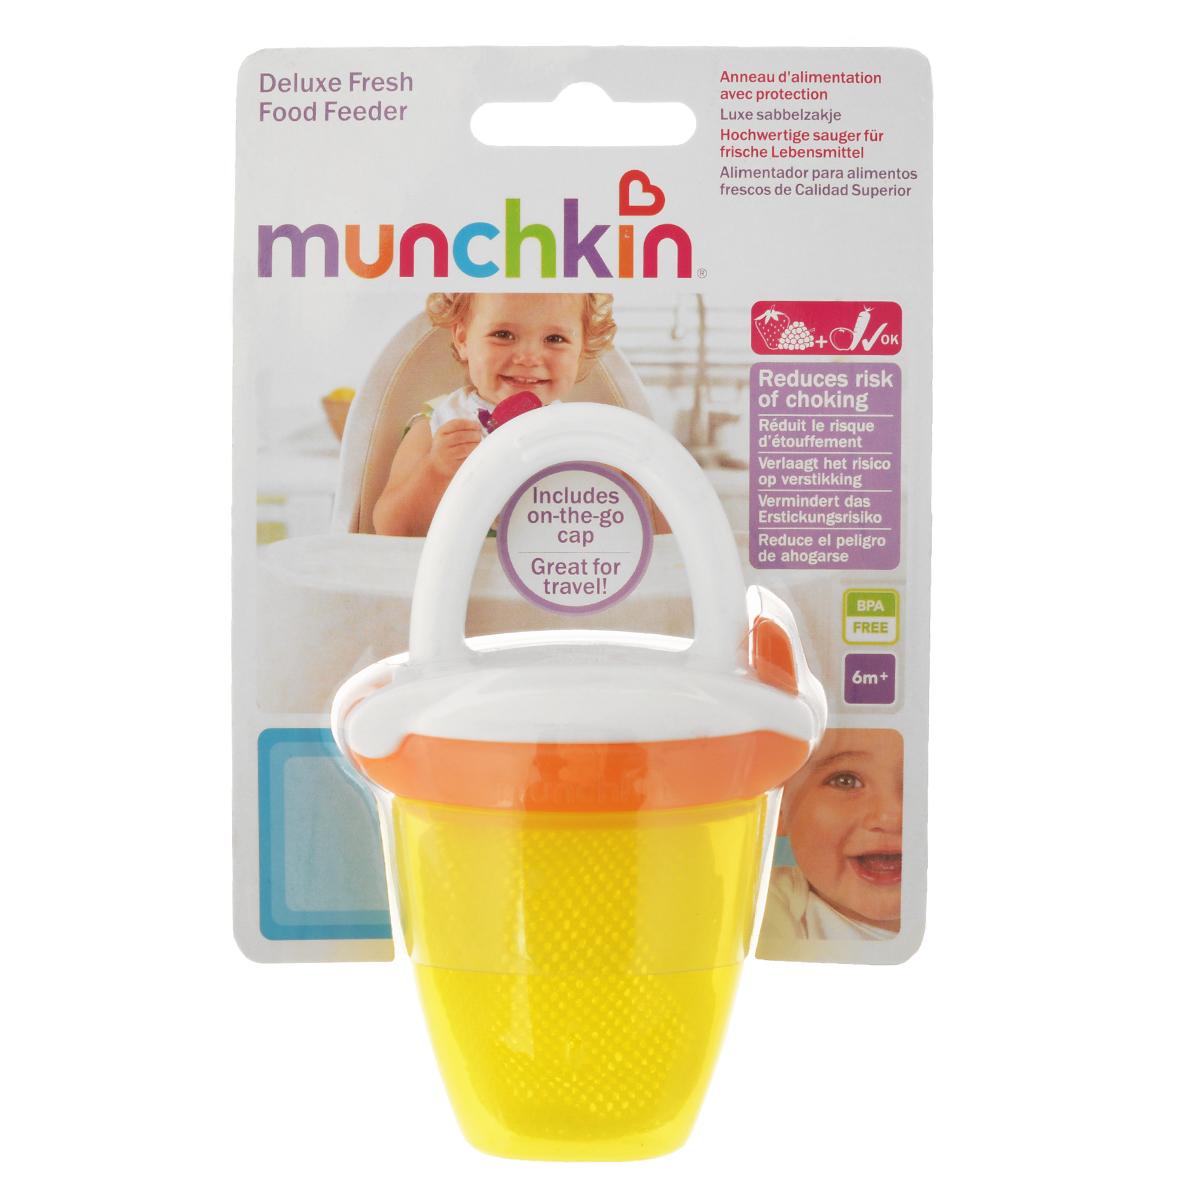 Ниблер Munchkin Deluxe, цвет: желтый11490 NEWНиблер Munchkin Deluxe создан специально для безопасного кормления фруктами и овощами, соответствующими возрасту ребенка. Ваш малыш будет наслаждаться натуральным вкусом, структурой и высоким качеством свежих продуктов безопасно, без риска удушья - а вы получите душевное спокойствие! Благодаря простой конструкции сеточки, этот удобный при прорезывании зубов прибор позволяет младенцам грызть продукты самостоятельно и безопасно. Достаточно просто поместить кусочек фруктов, овощей или даже мяса в сетчатый мешочек и закрыть его. Ребенок может жевать, грызть и сосать их, через сеточку проходят только очень маленькие частички, что снижает риск подавиться. Также служит альтернативой прорезывателям для зубов. В наборе имеется крышка, благодаря которой можно взять ниблер с собой в поездку. Благодаря ручке ребенку легко его держать и делать первые шаги к самостоятельному питанию. Можно мыть в посудомоечной машине на верхней полке. Не использовать в СВЧ, не...